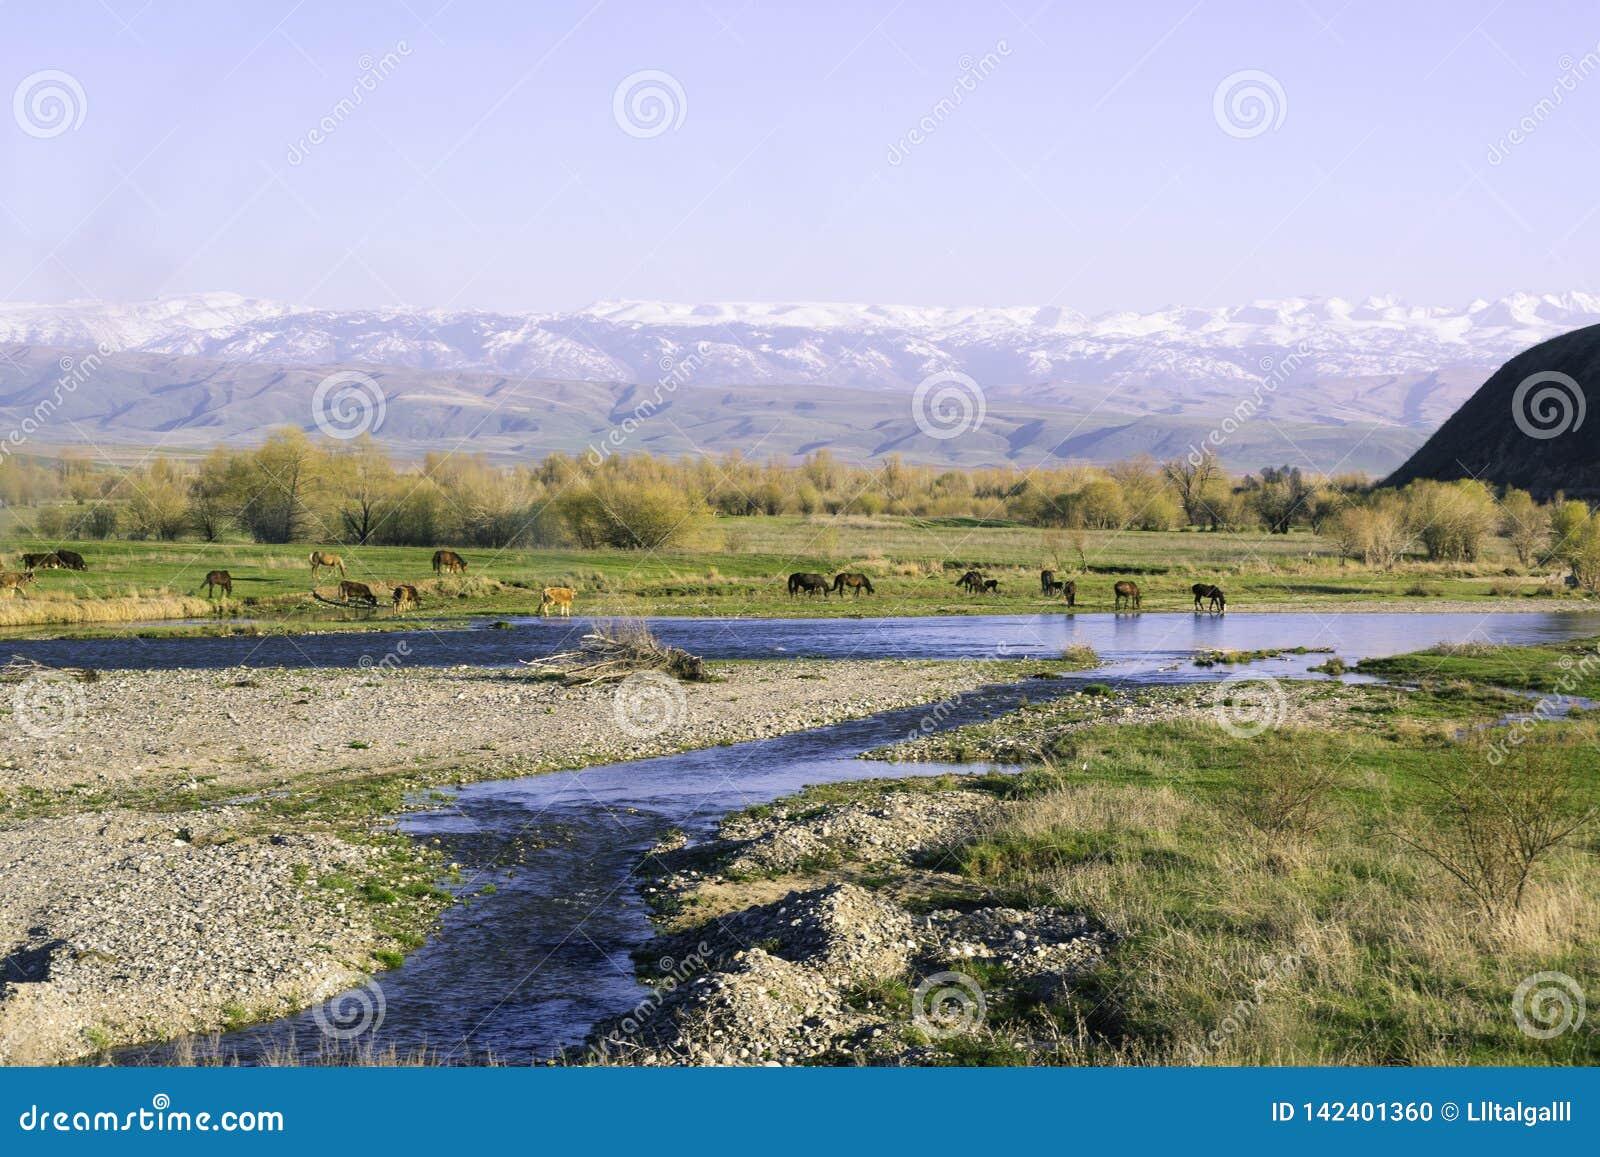 Bergs Alatau ', Hästskrubbsår Flodflöden Sommar Region för Alma-Ata ` s 'Zhetysu region ',